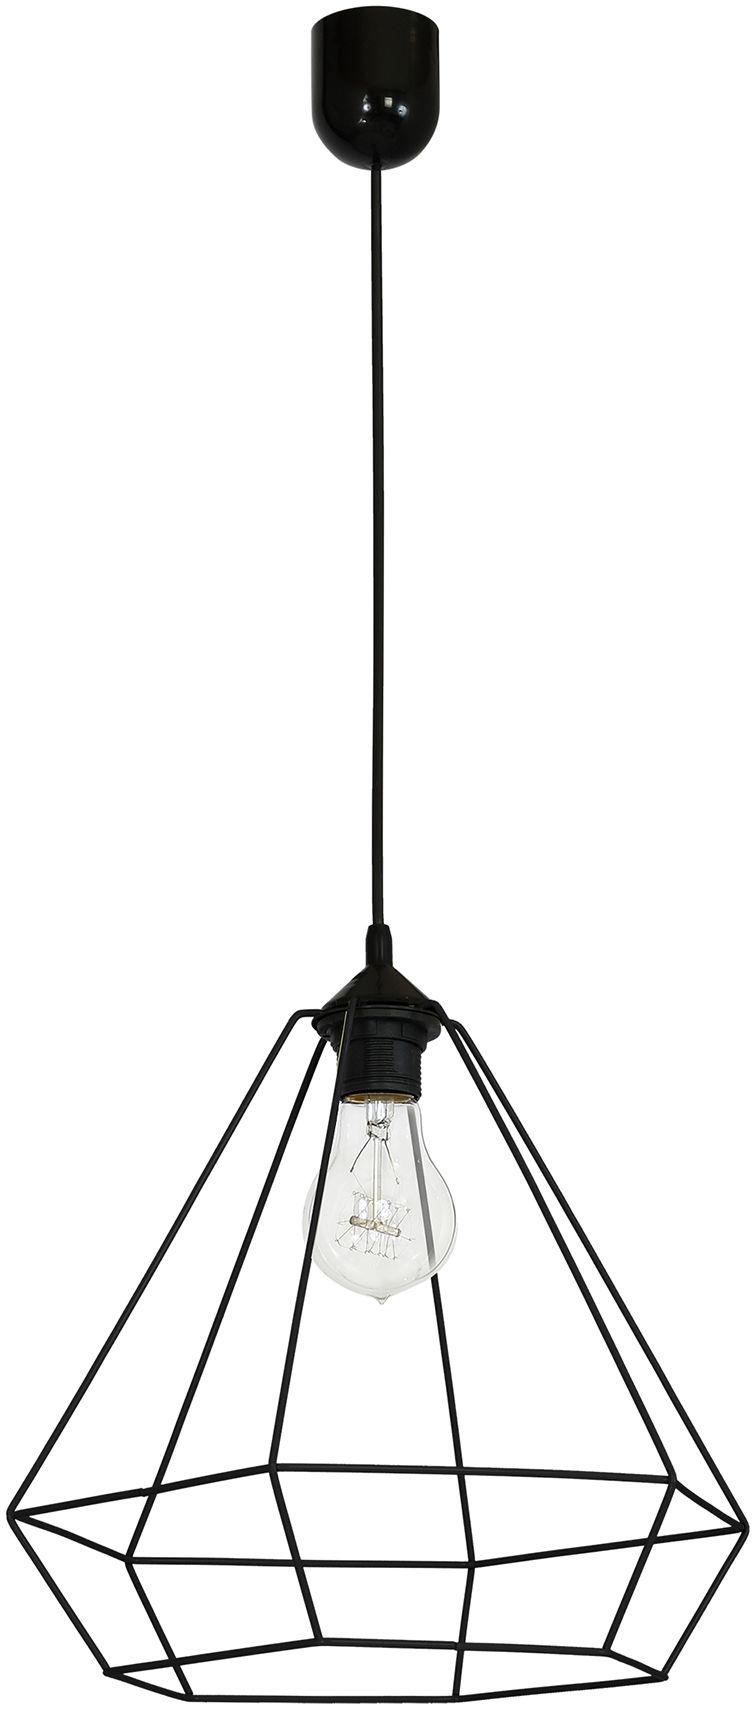 Milagro ALMA BLACK MLP8967 lampa wisząca czarna klosz przestrzenny metalowy o geometrycznym kształcie 1xE27 35cm